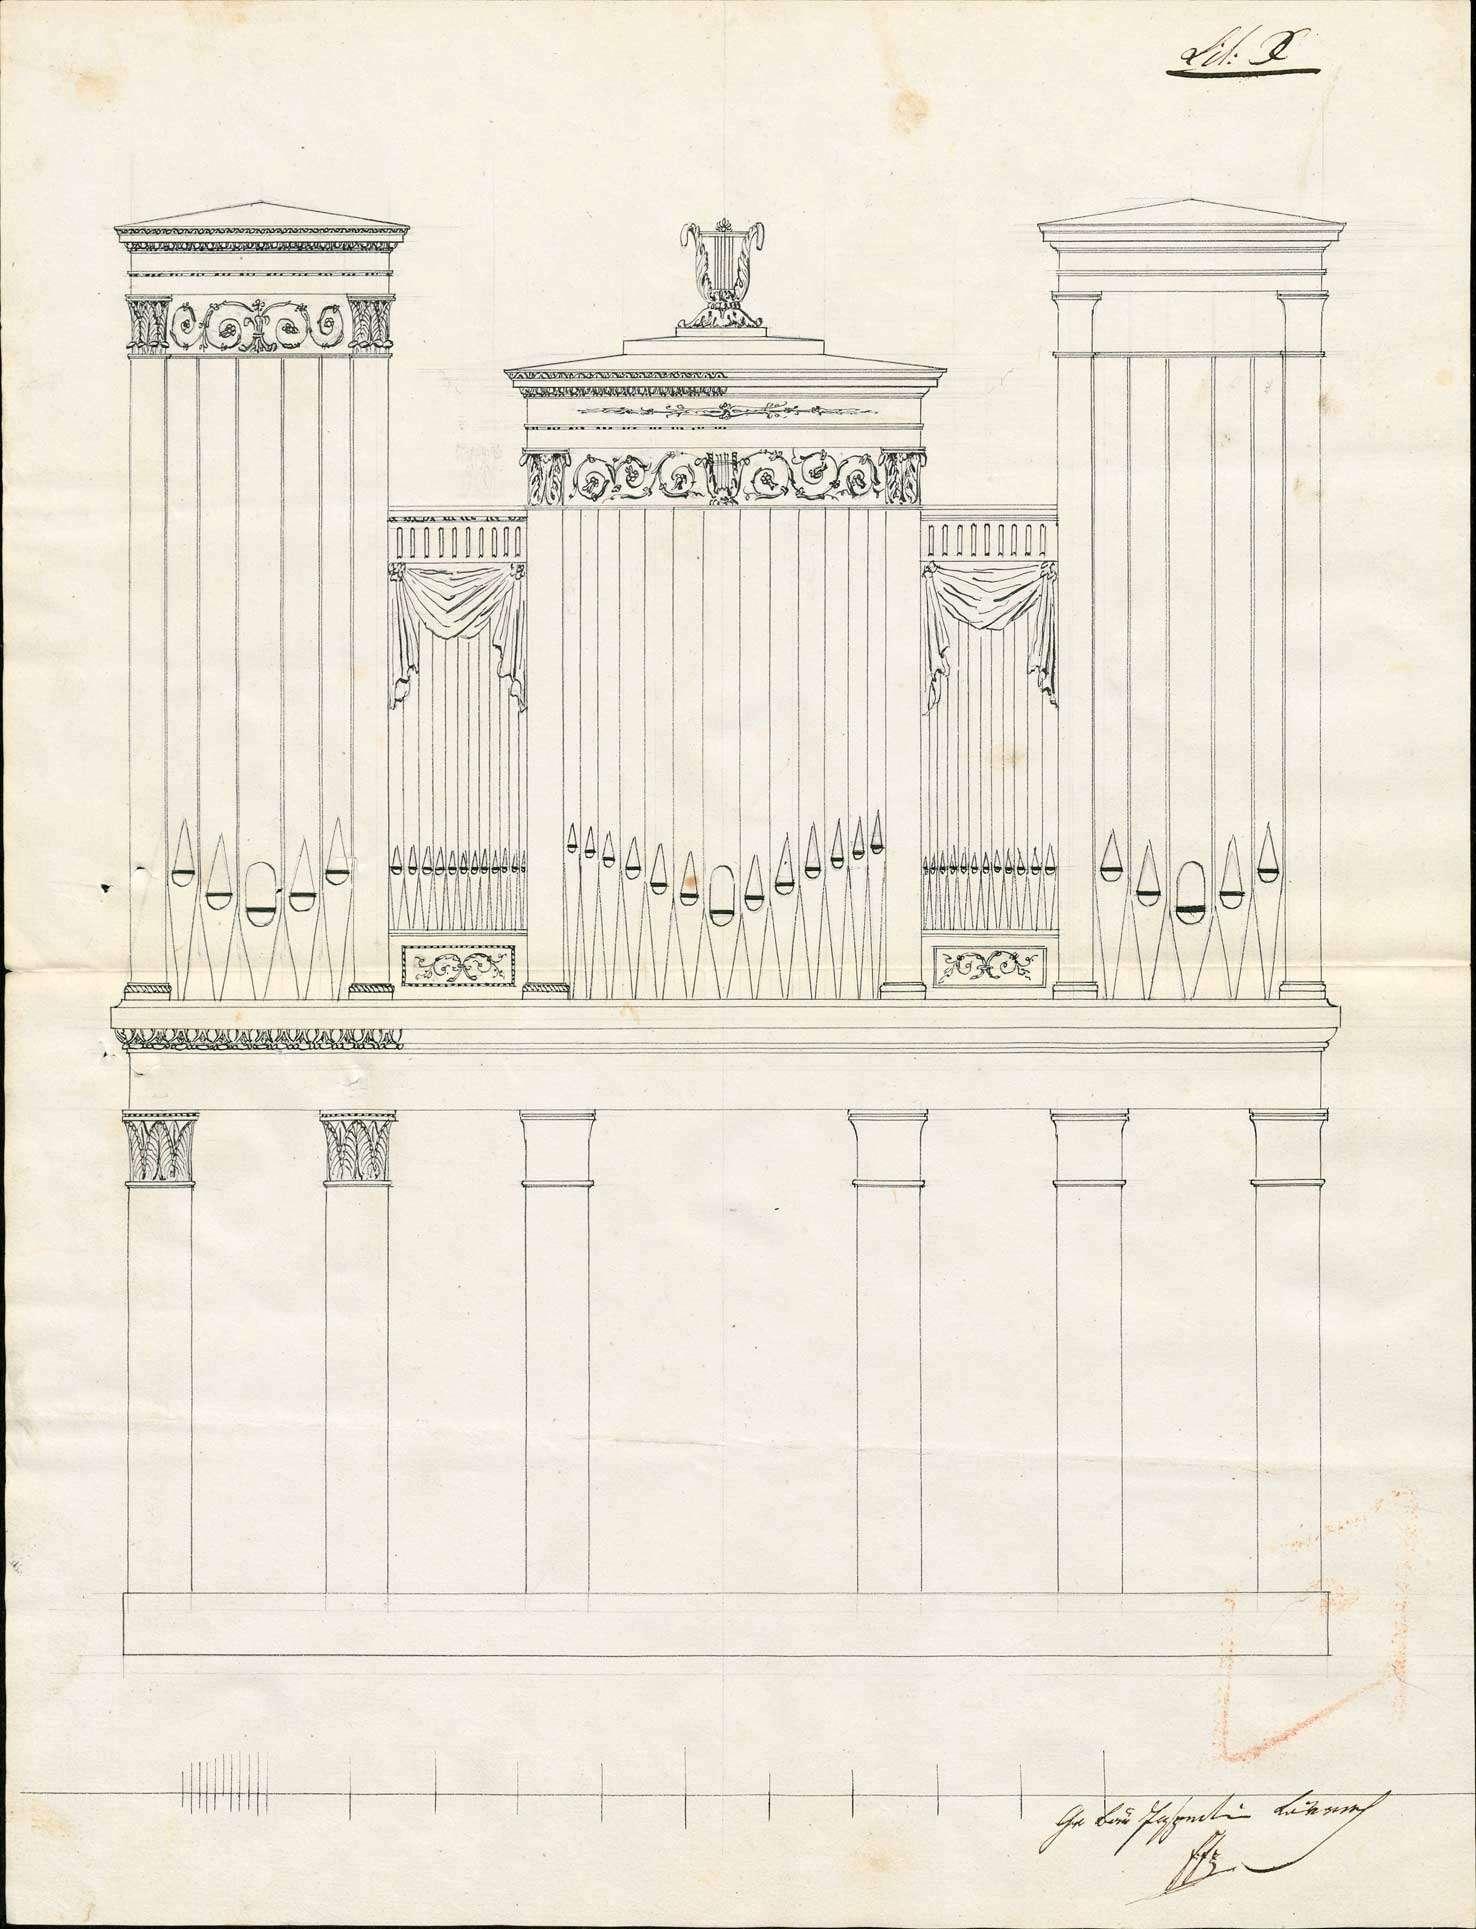 Anschaffung einer Orgel für die neue Kirche zu Murg, Bild 1